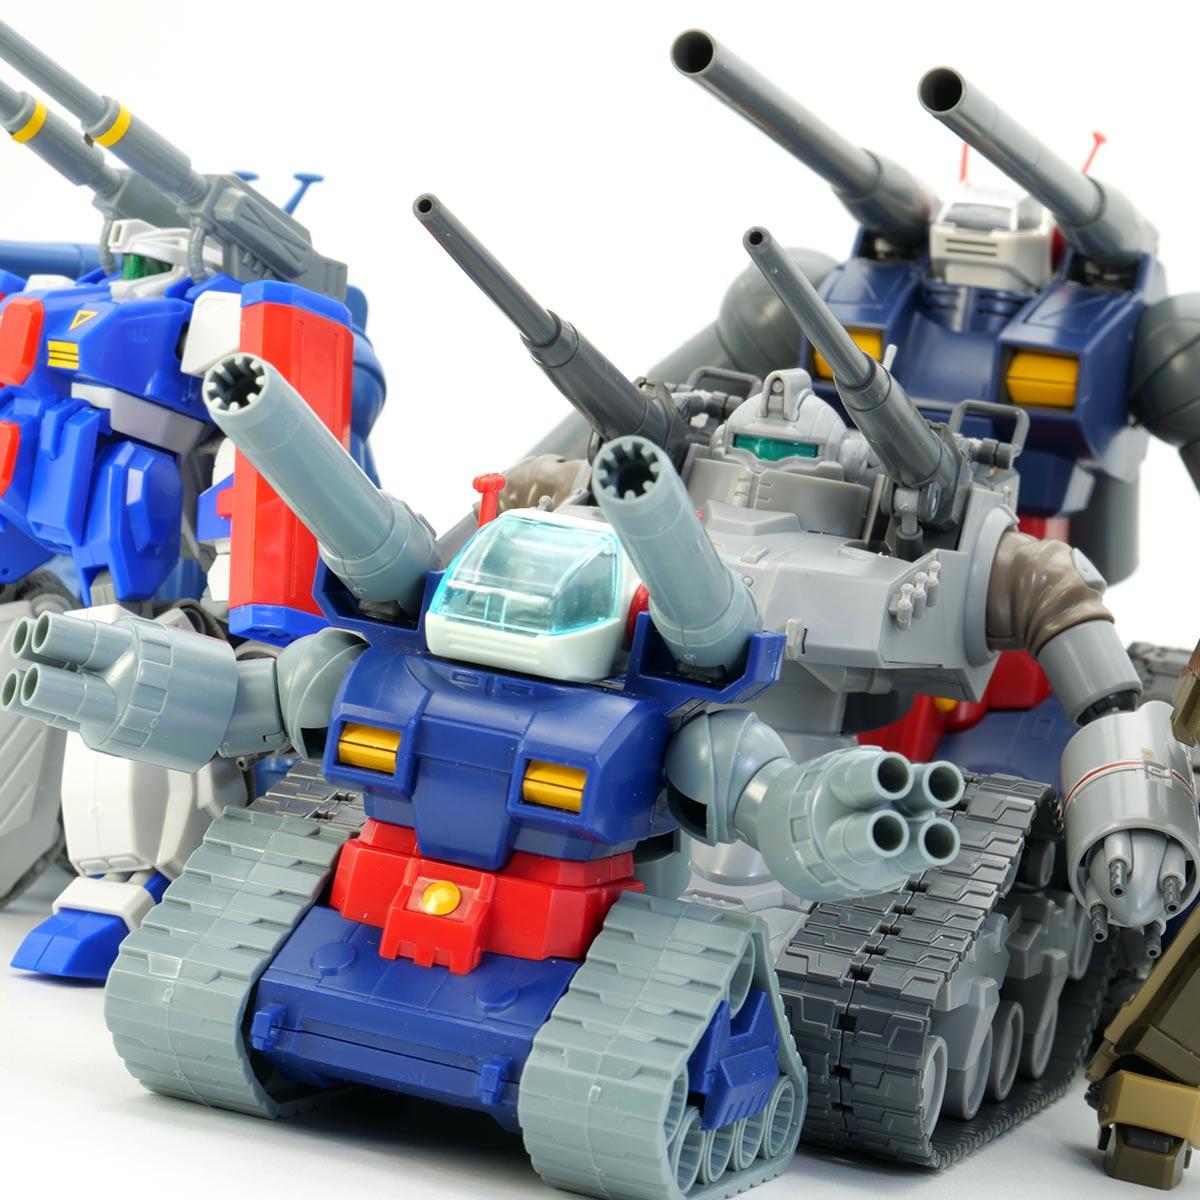 """「ガンタンク」のガンプラを徹底比較! """"戦車風""""モビルスーツの進化を辿る"""